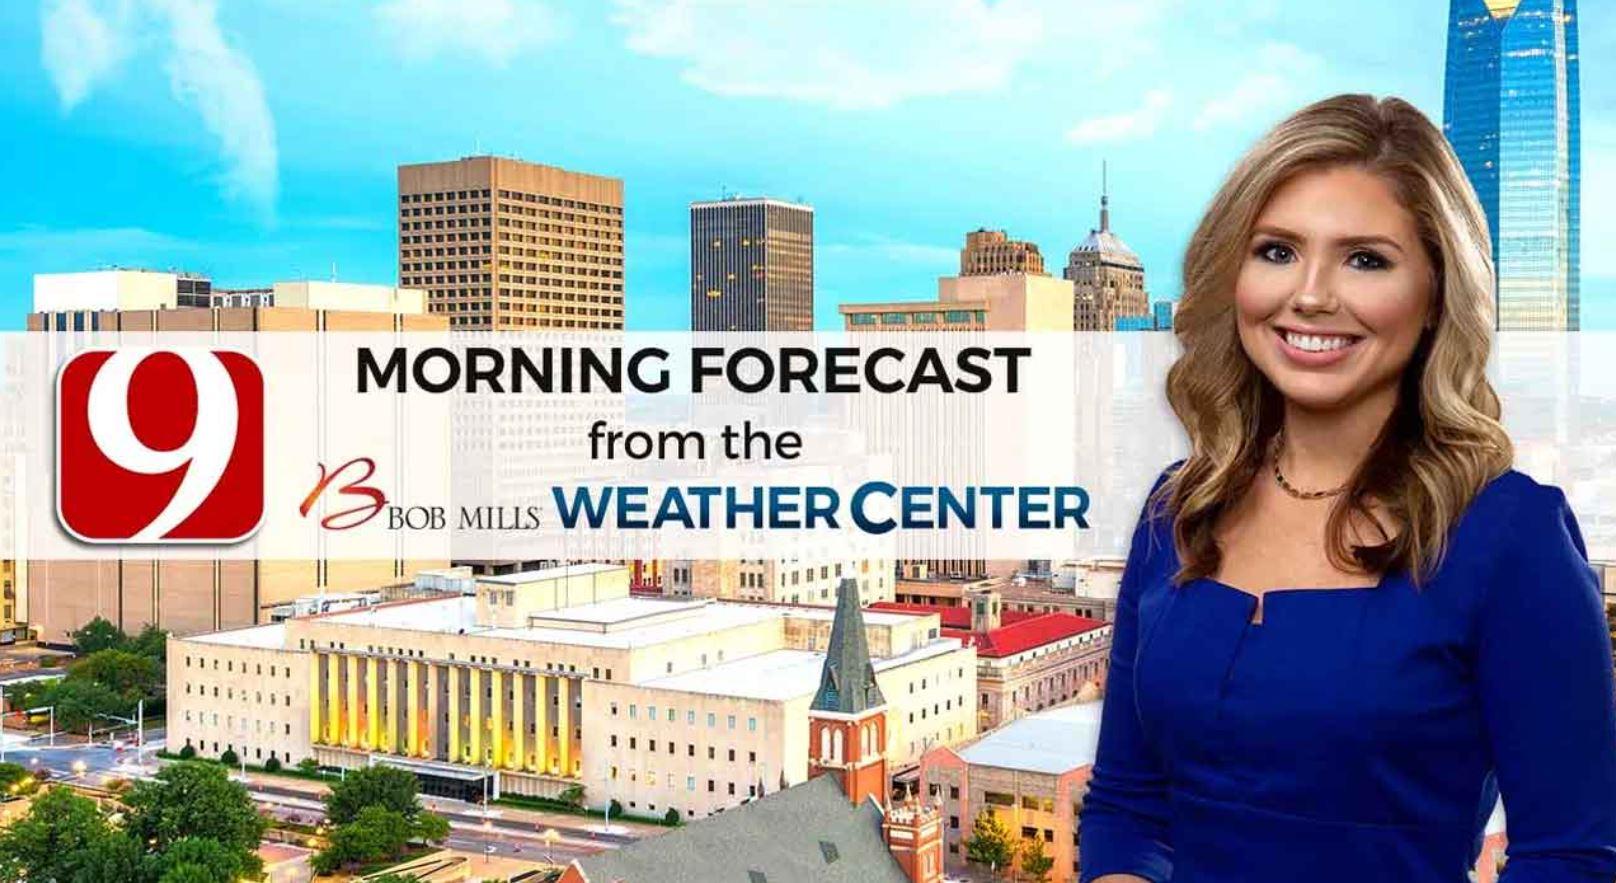 Cassie's 9 A.M. Wednesday Forecast